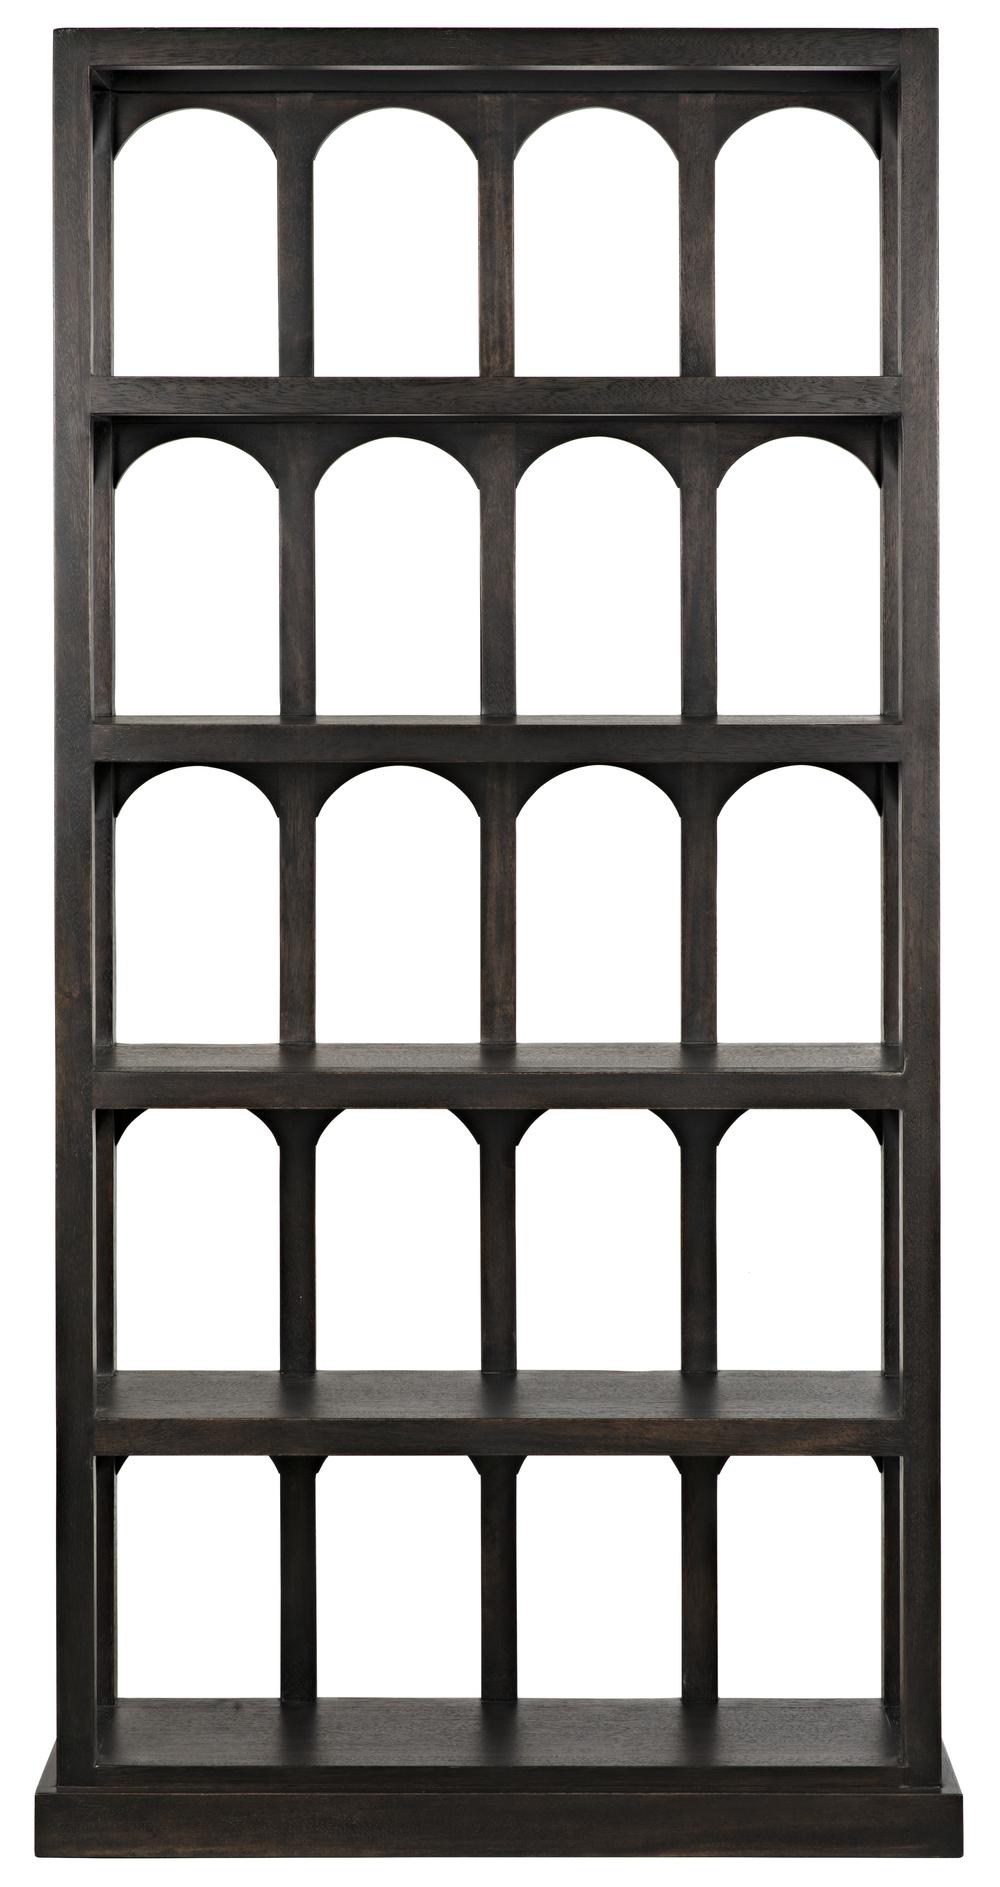 Noir Trading - Passage Bookcase